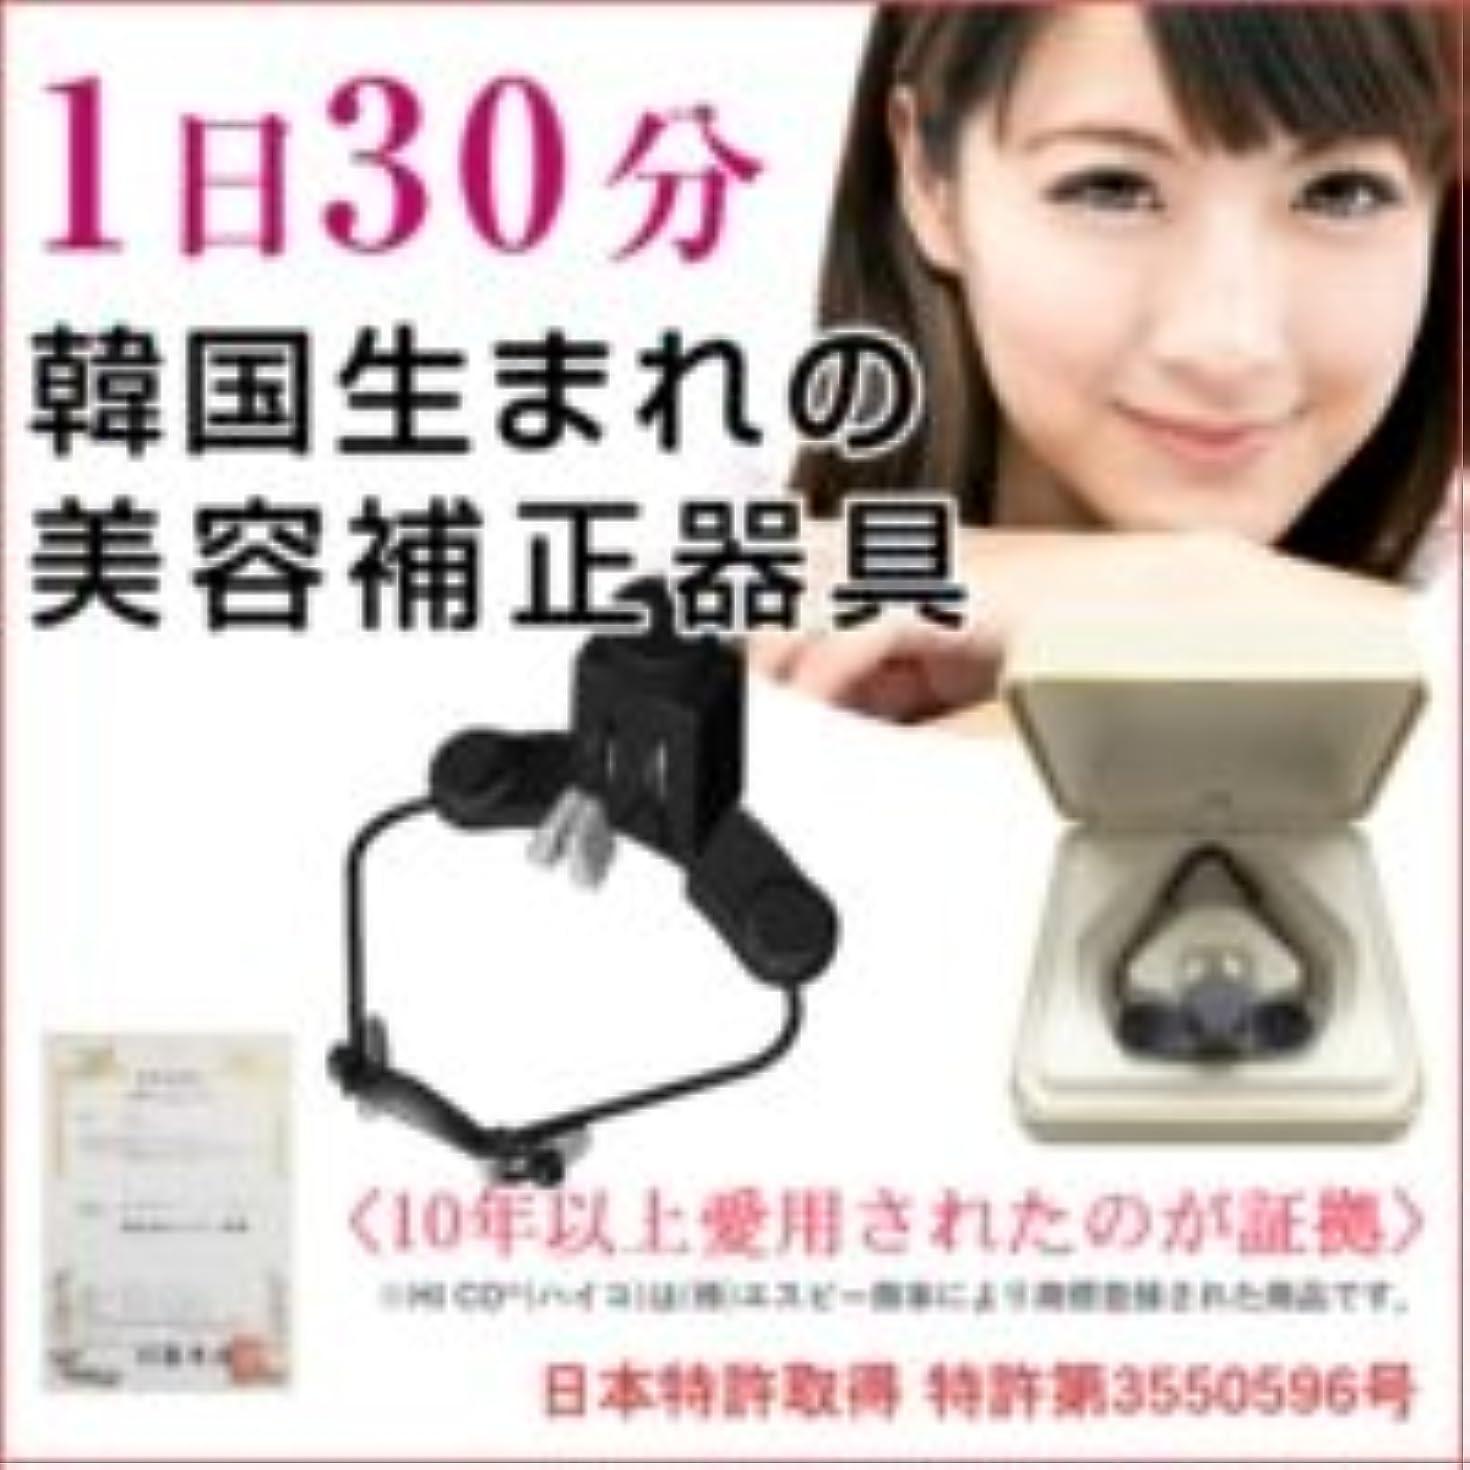 威するマットレス代わりにハイコ (HICO) 美鼻補整器具